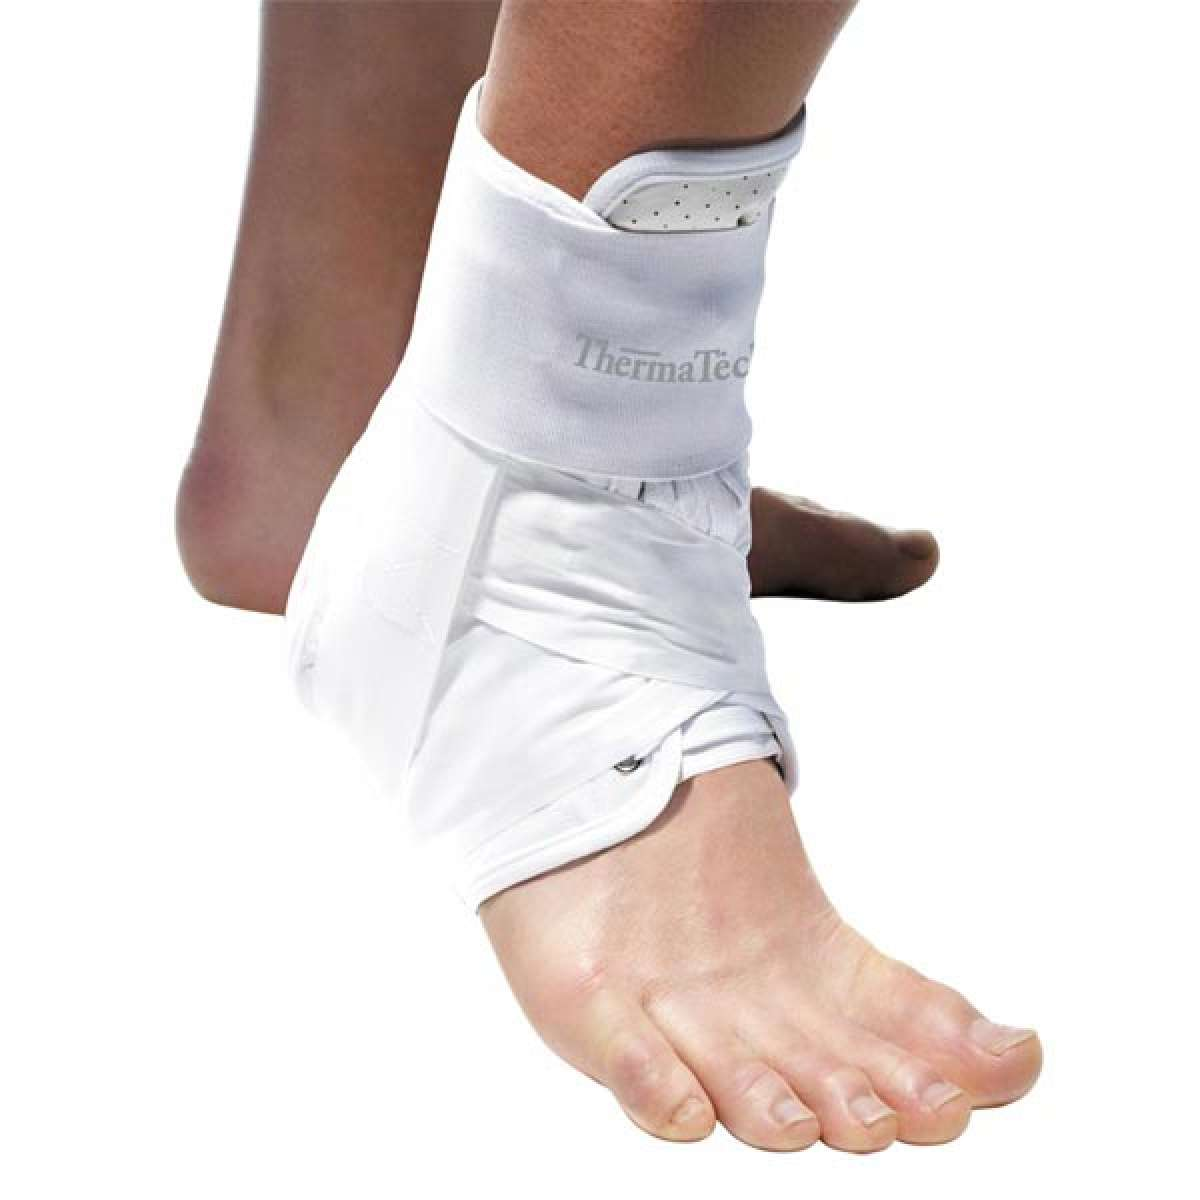 Entrenamiento: Un ejercicio para fortalecer los tobillos y evitar lesiones